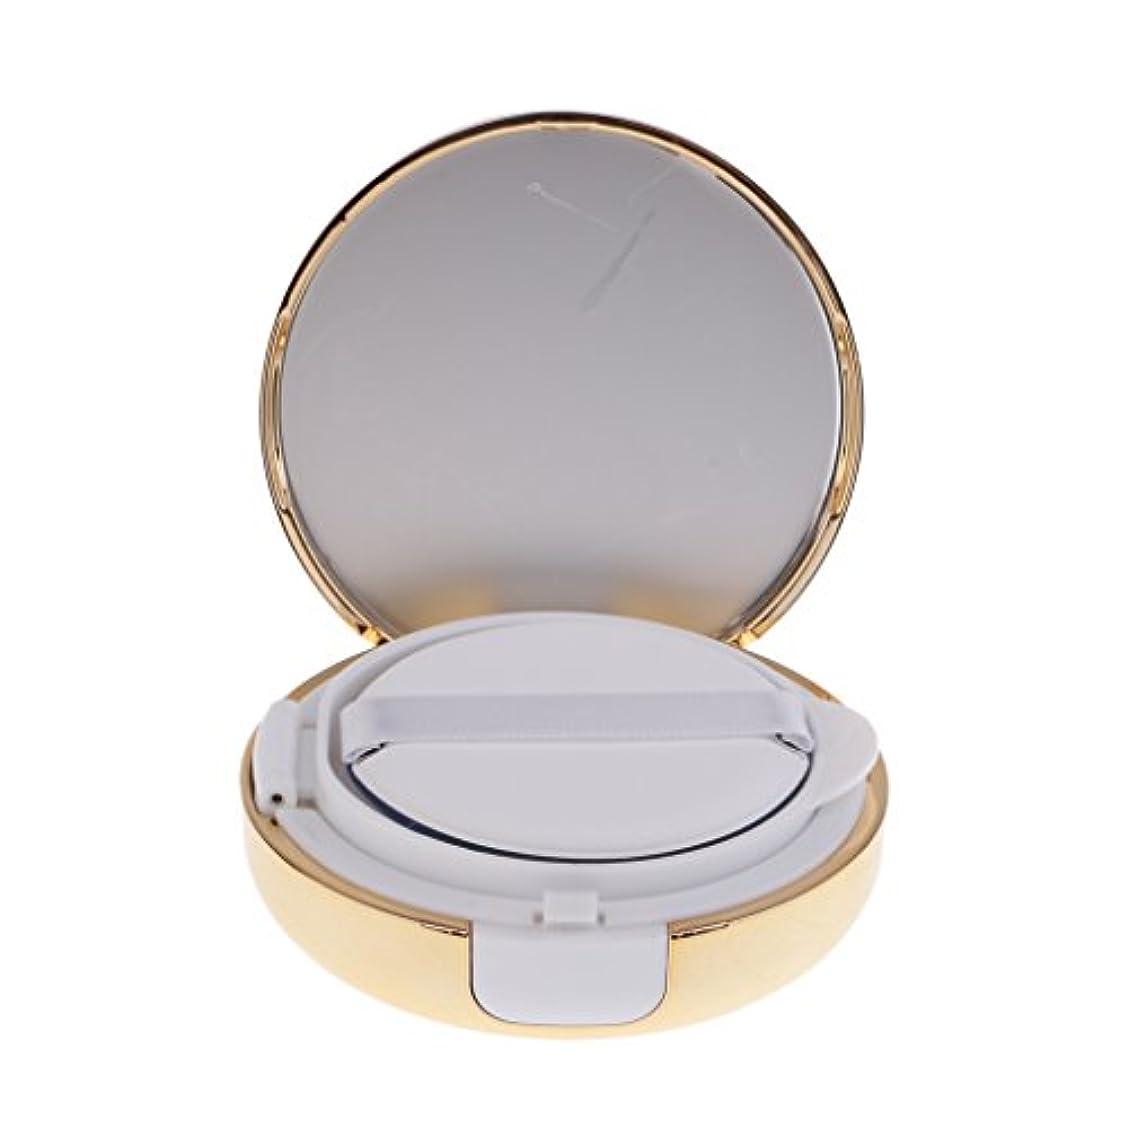 ライラックセンチメートル永久Kesoto メイクアップ 空パウダーコンテナ ファンデーションケース エアクッション パフ BBクリーム 詰替え 化粧品 DIY プラスチック製 2色選べる - ゴールド